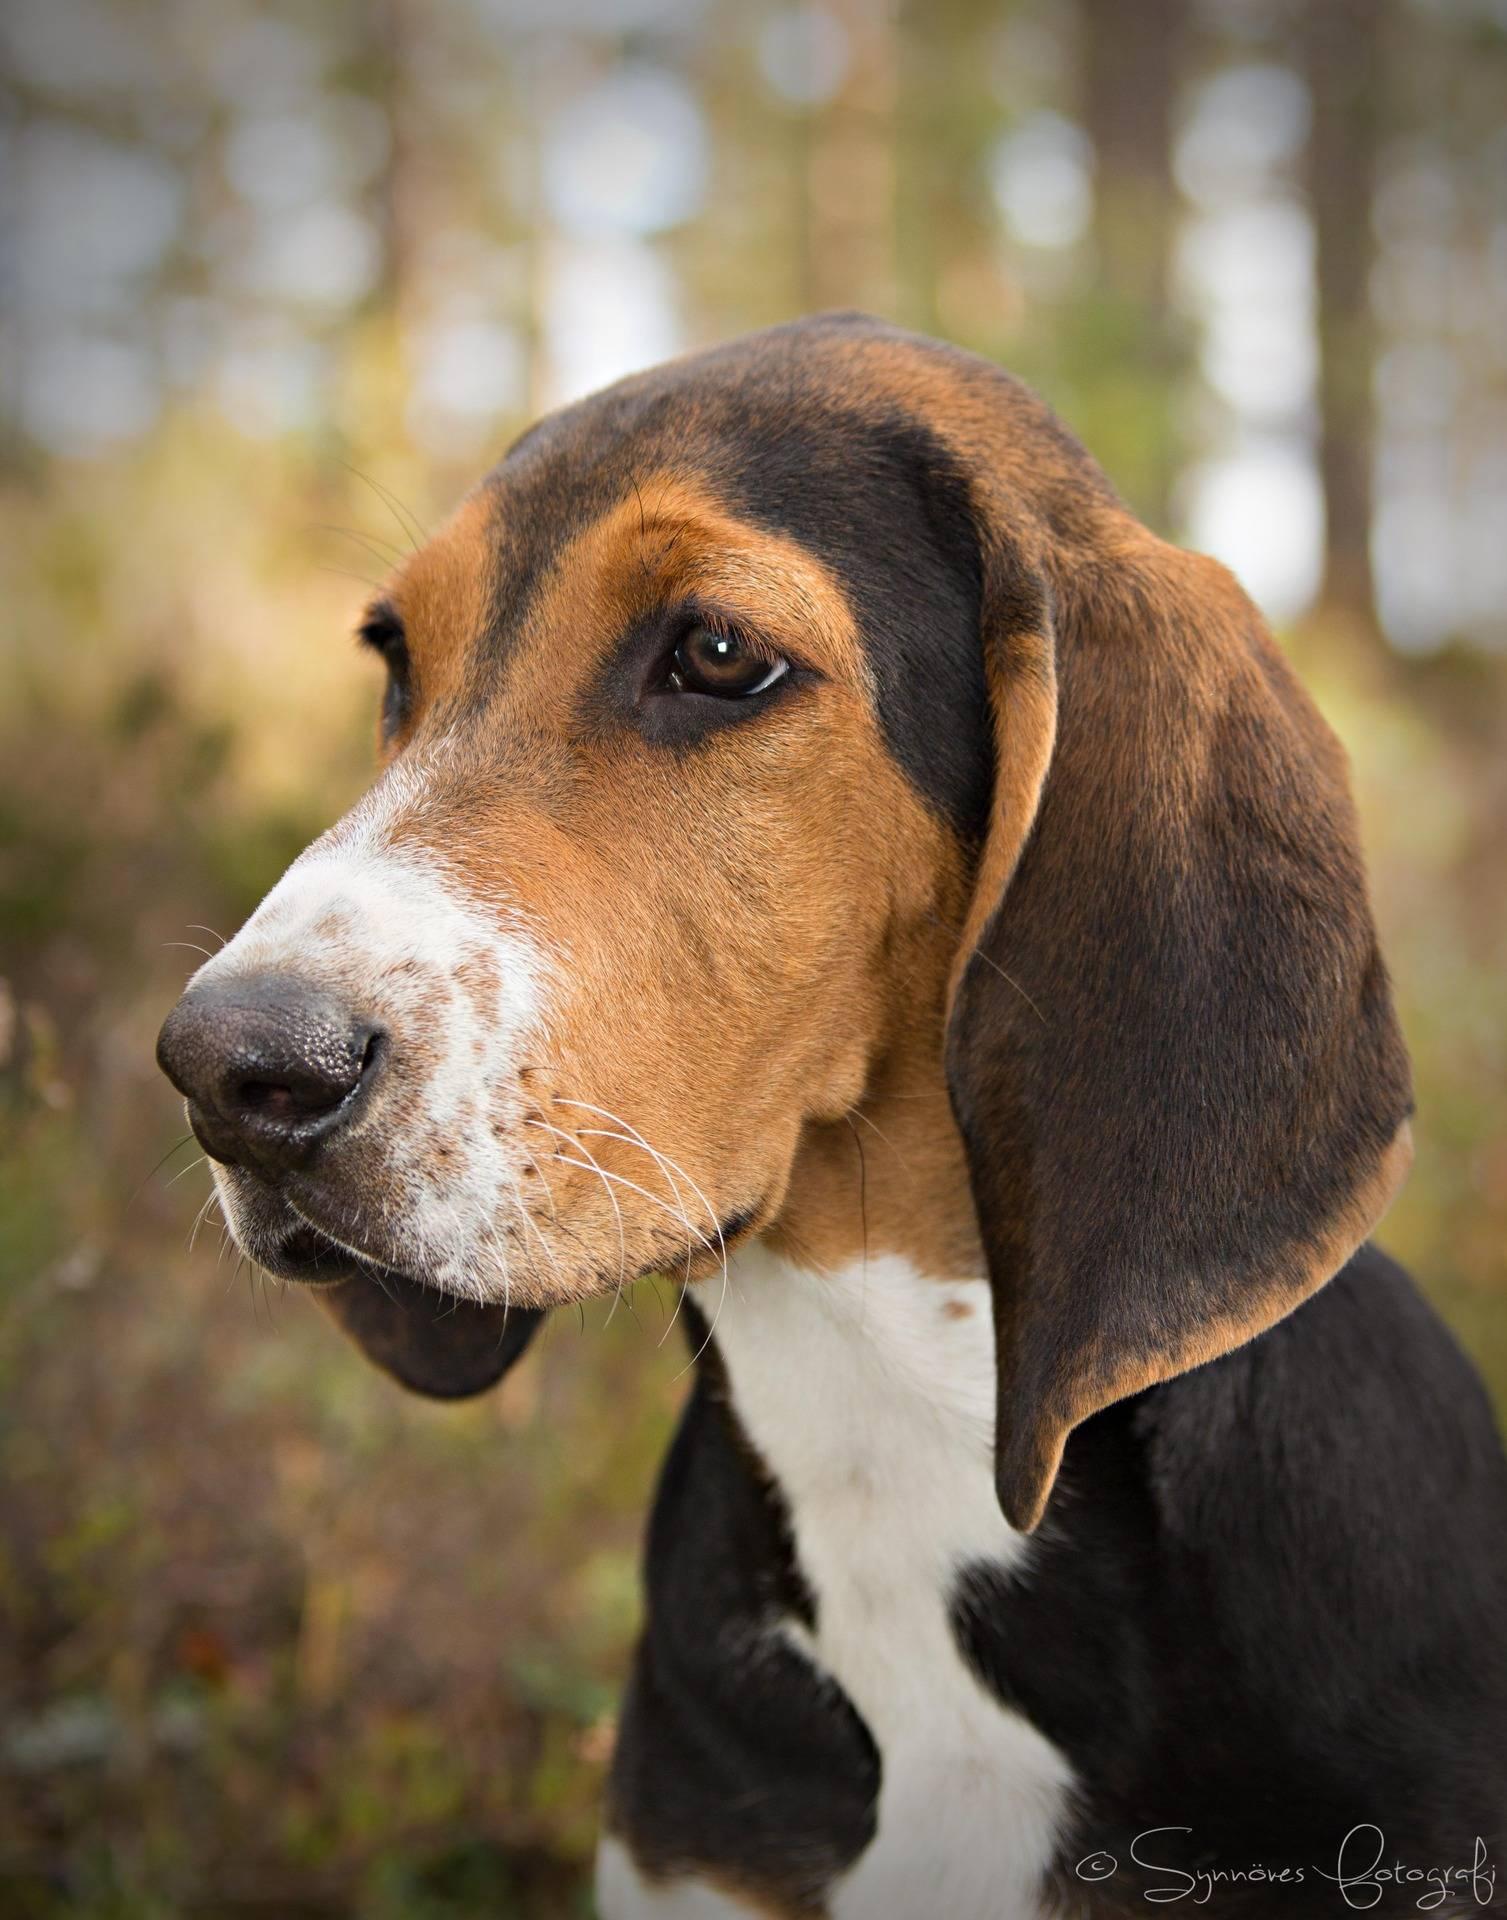 Охотничьи породы собак с фотографиями и названиями - 15 лучших пород для охоты.